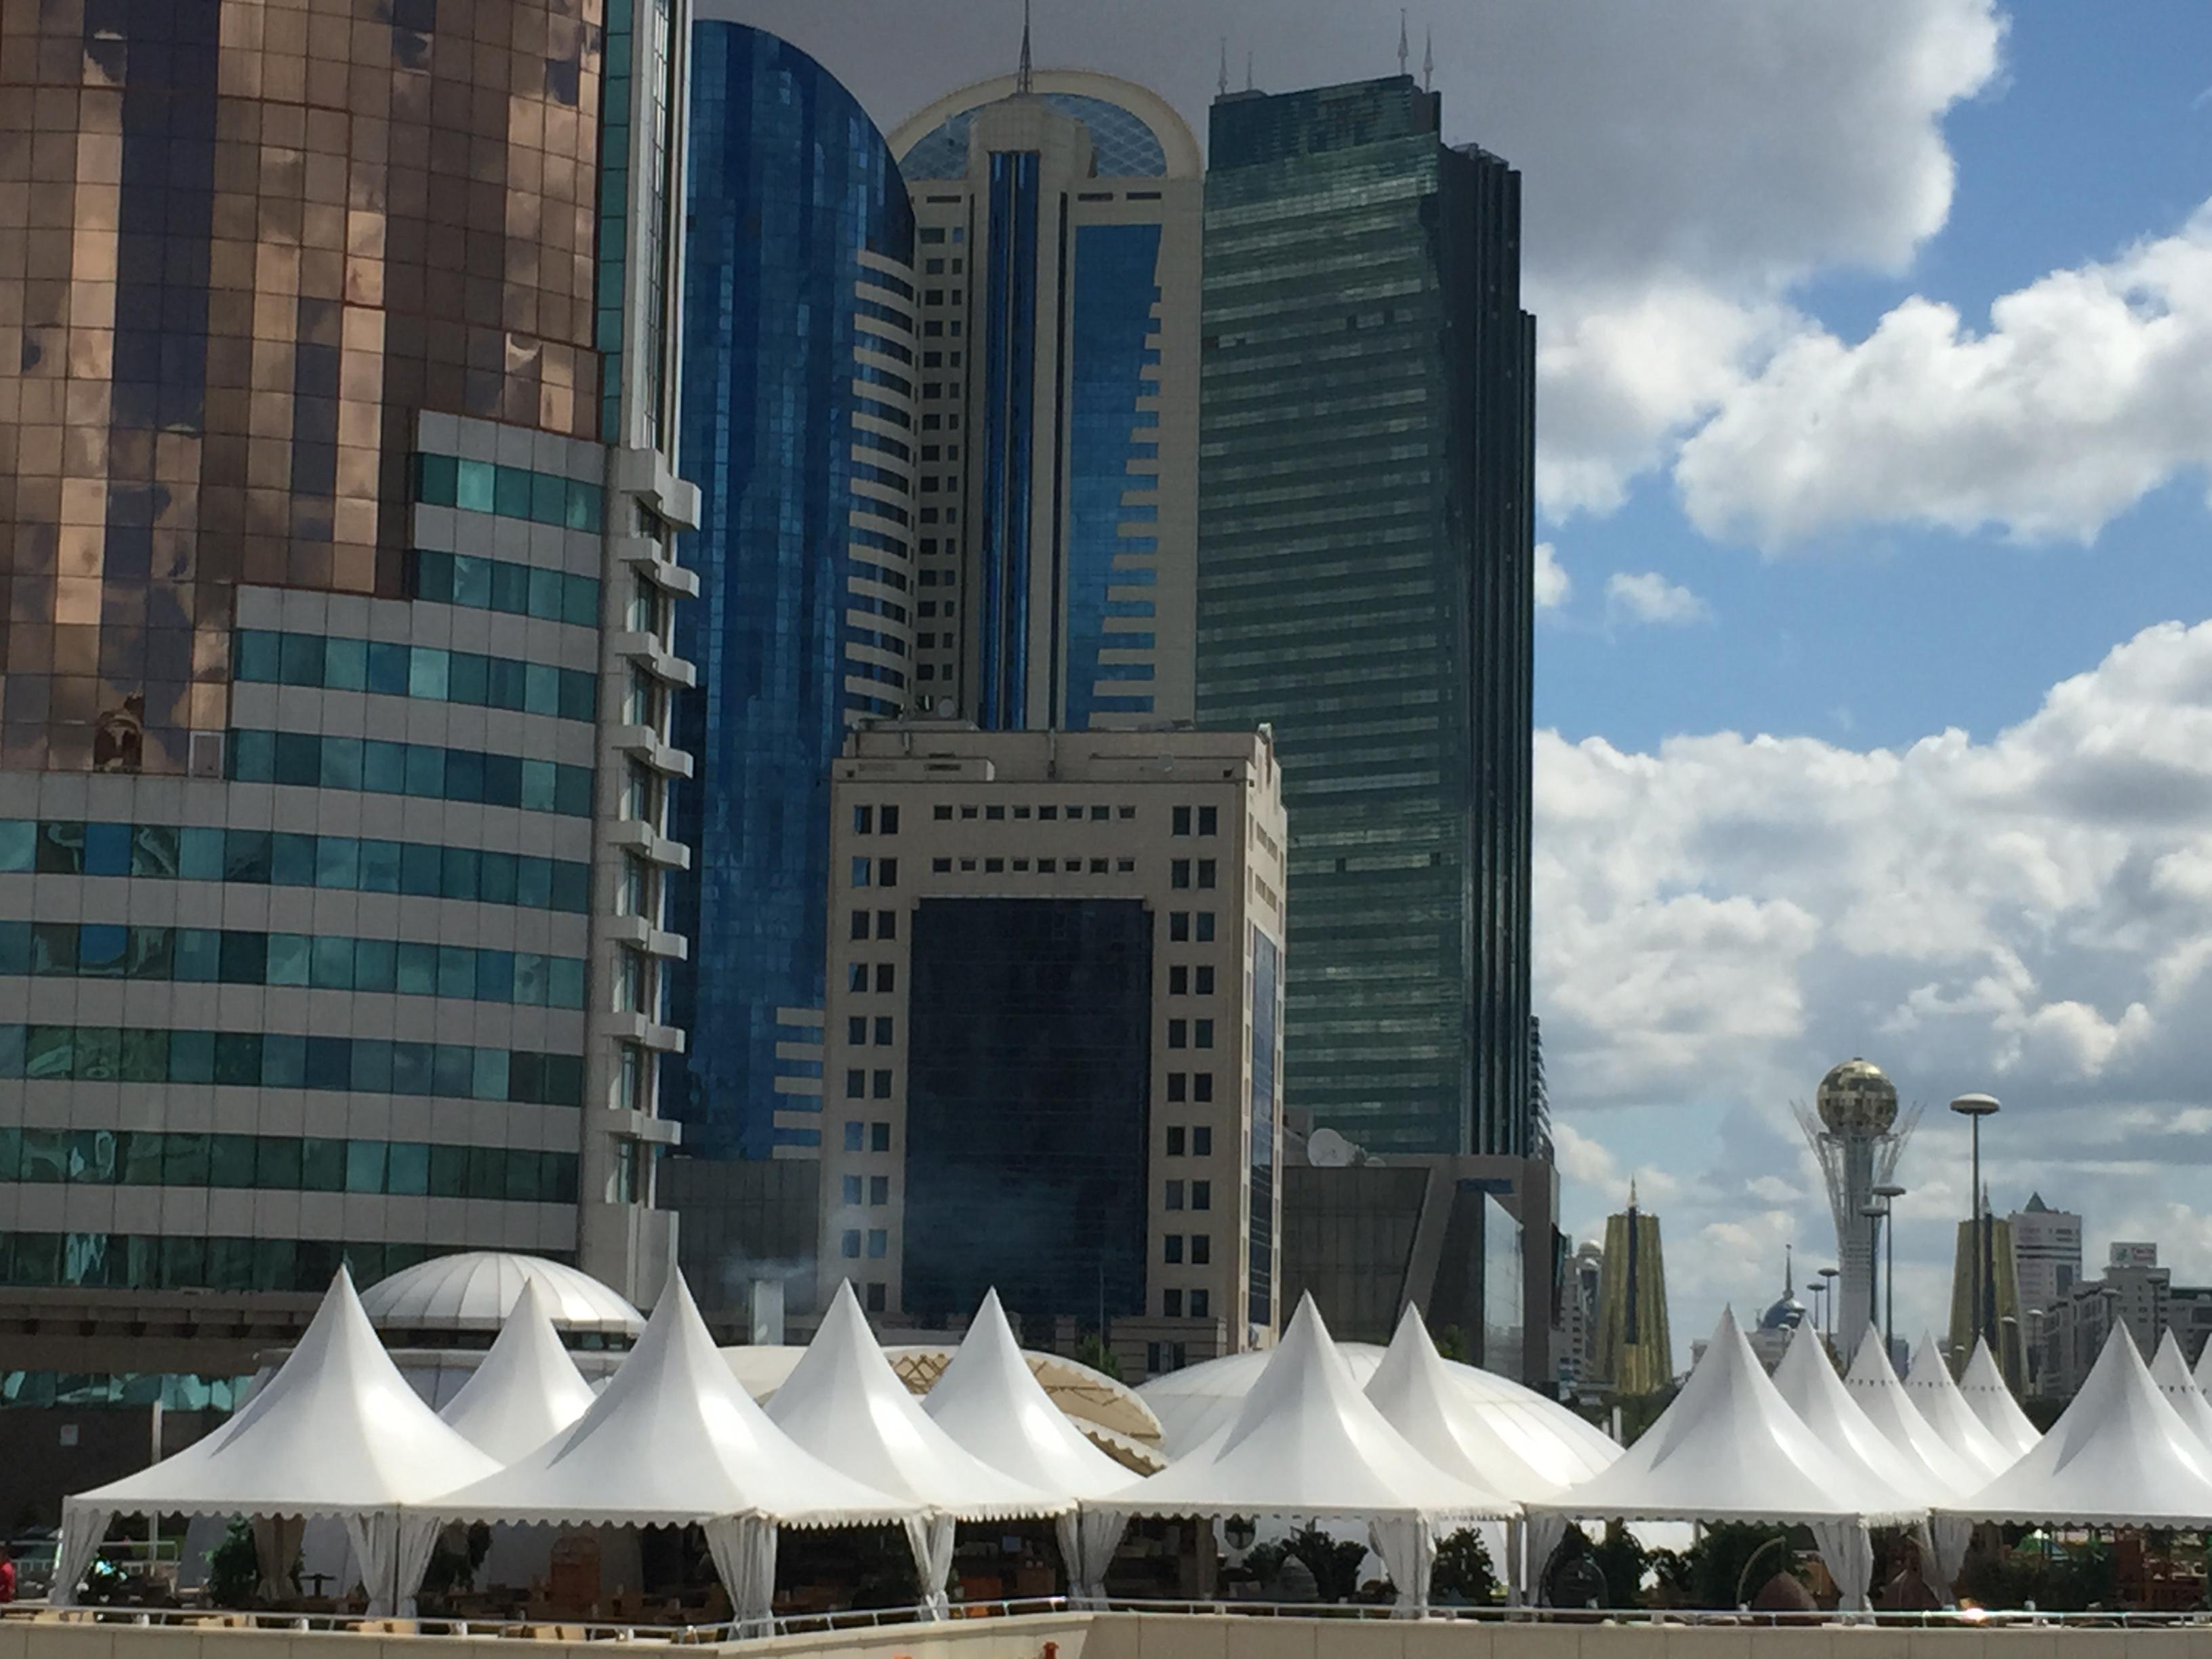 Astana 2015